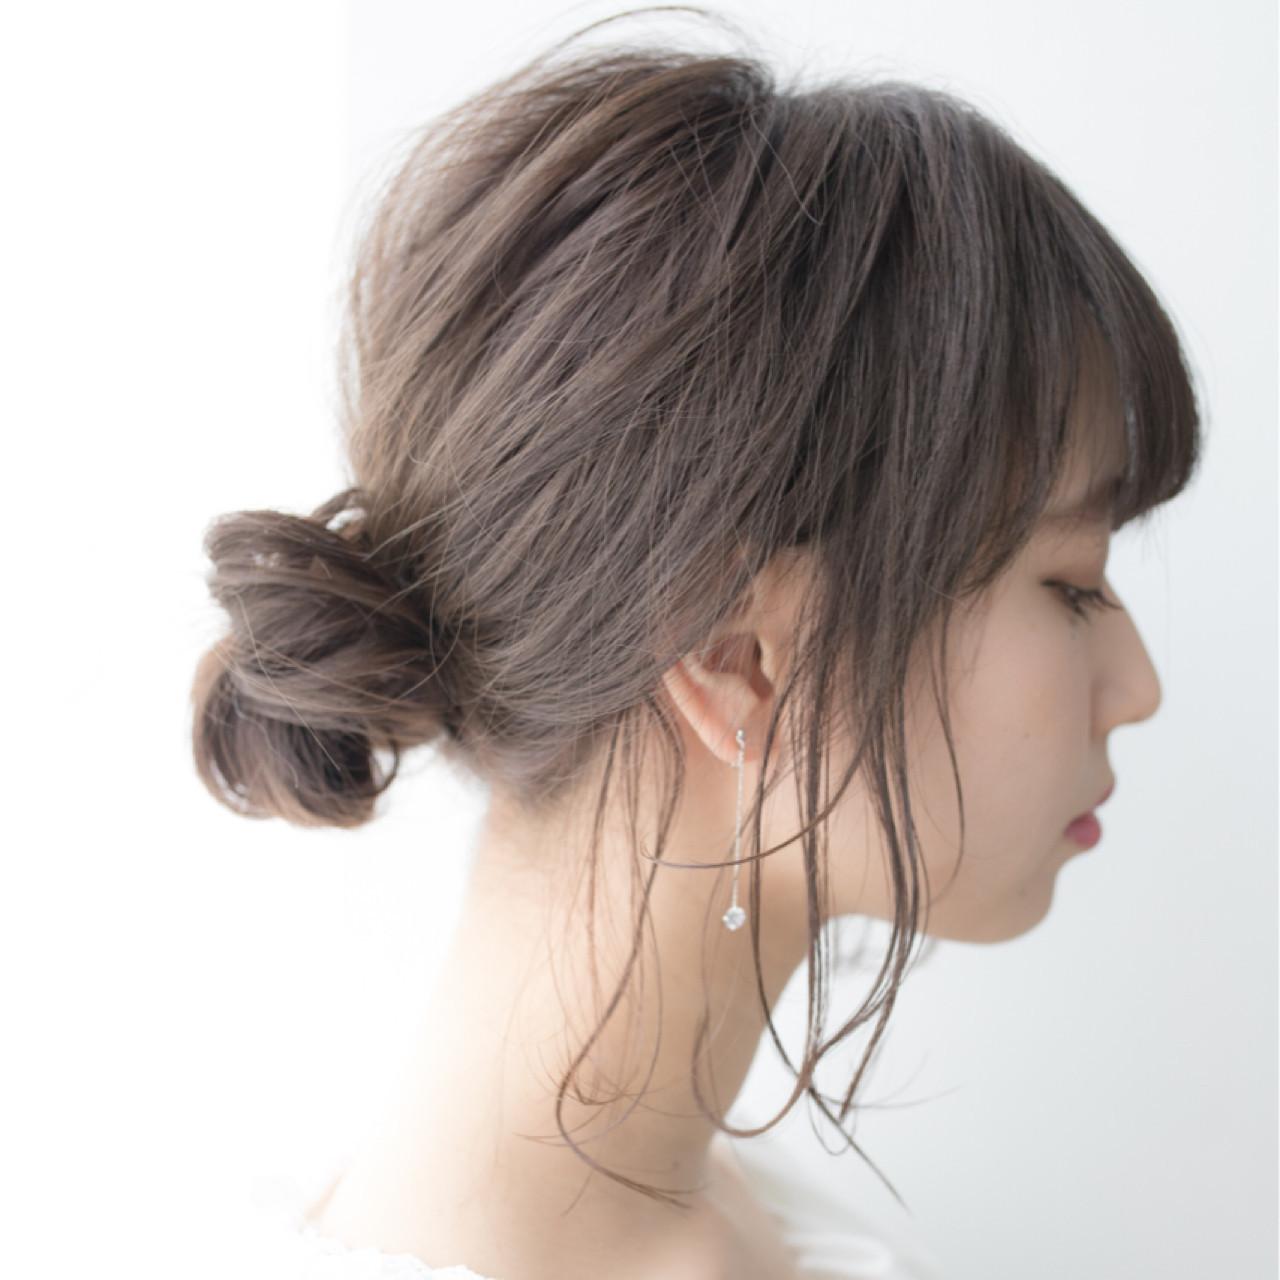 ミディアム 簡単ヘアアレンジ ヘアアレンジ 結婚式 ヘアスタイルや髪型の写真・画像